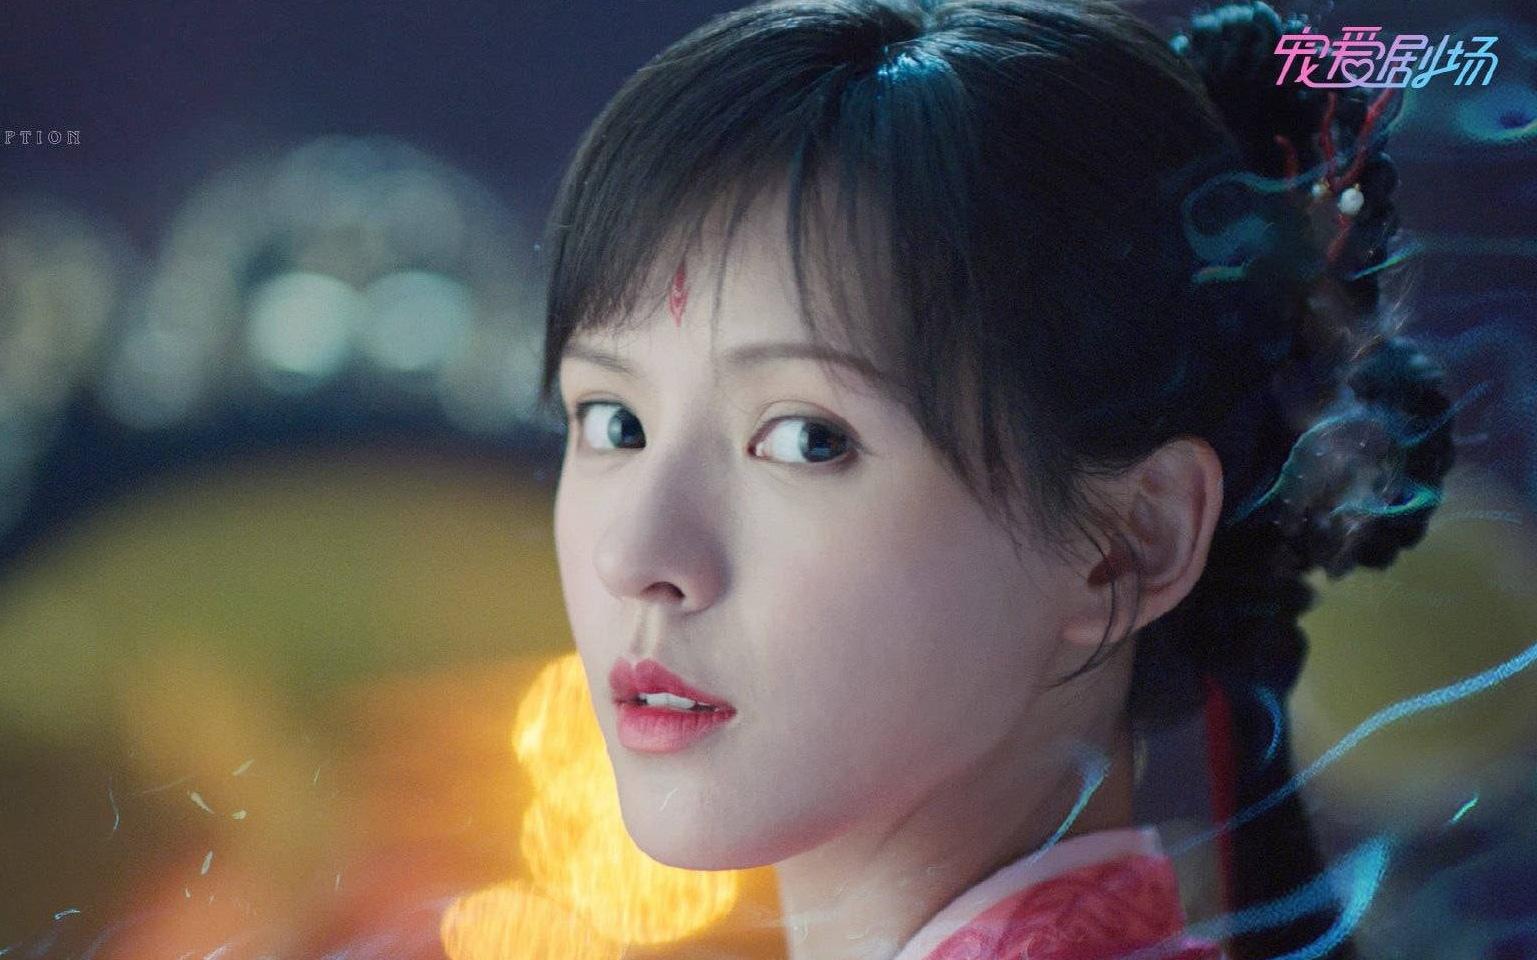 """Bộ phim ngược không thua """"Hương mật tựa khói sương"""": Phục trang quá đẹp, công chúa Trương Dư Hi xuất hiện"""